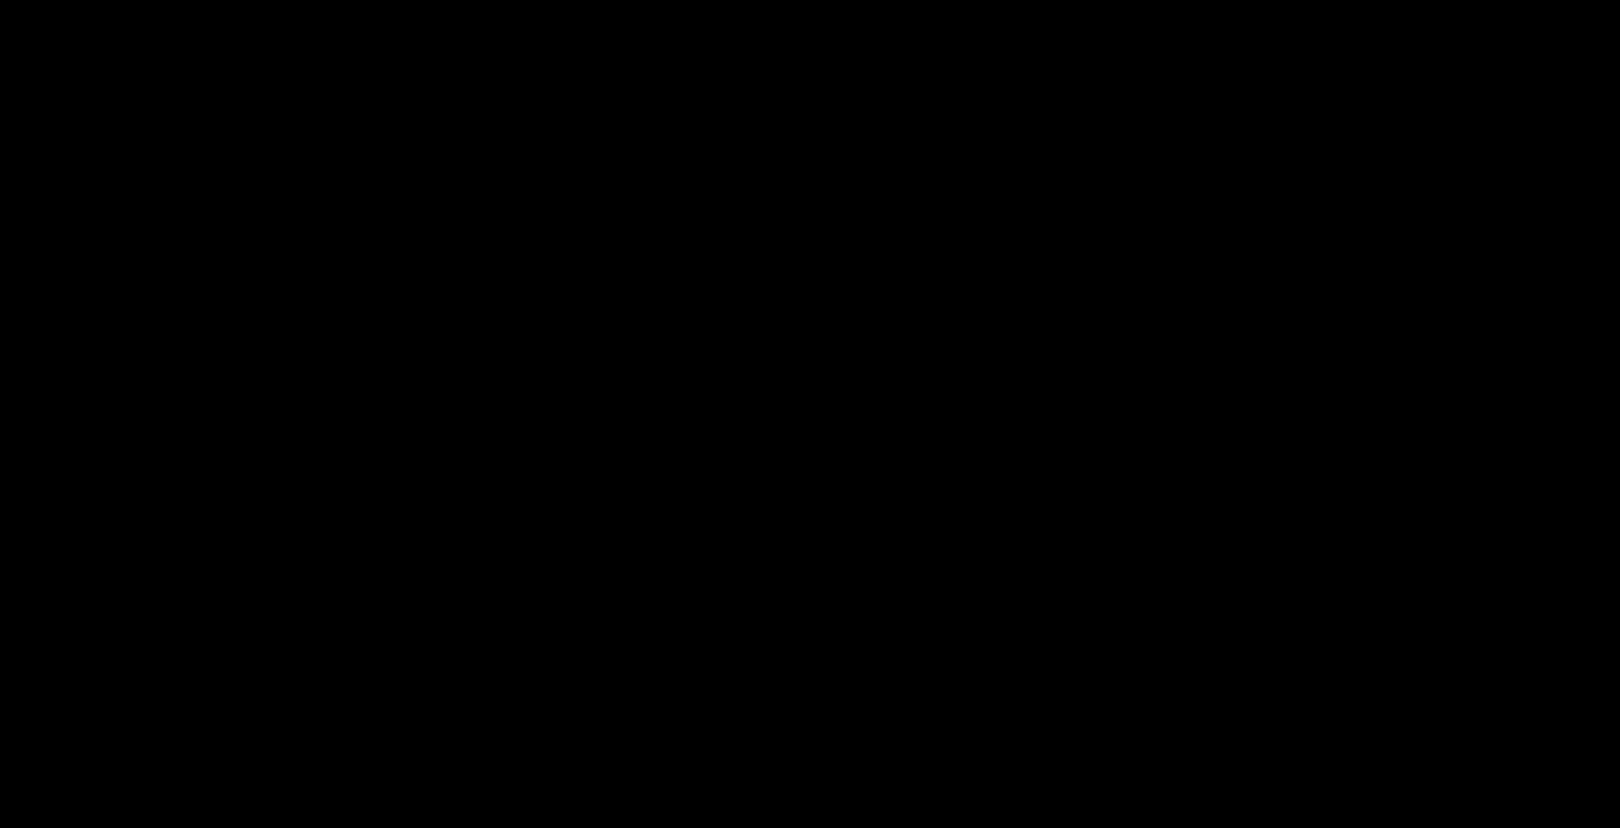 N-[2-(5-Methoxy-indol-3-yl)-ethyl]-commenamide